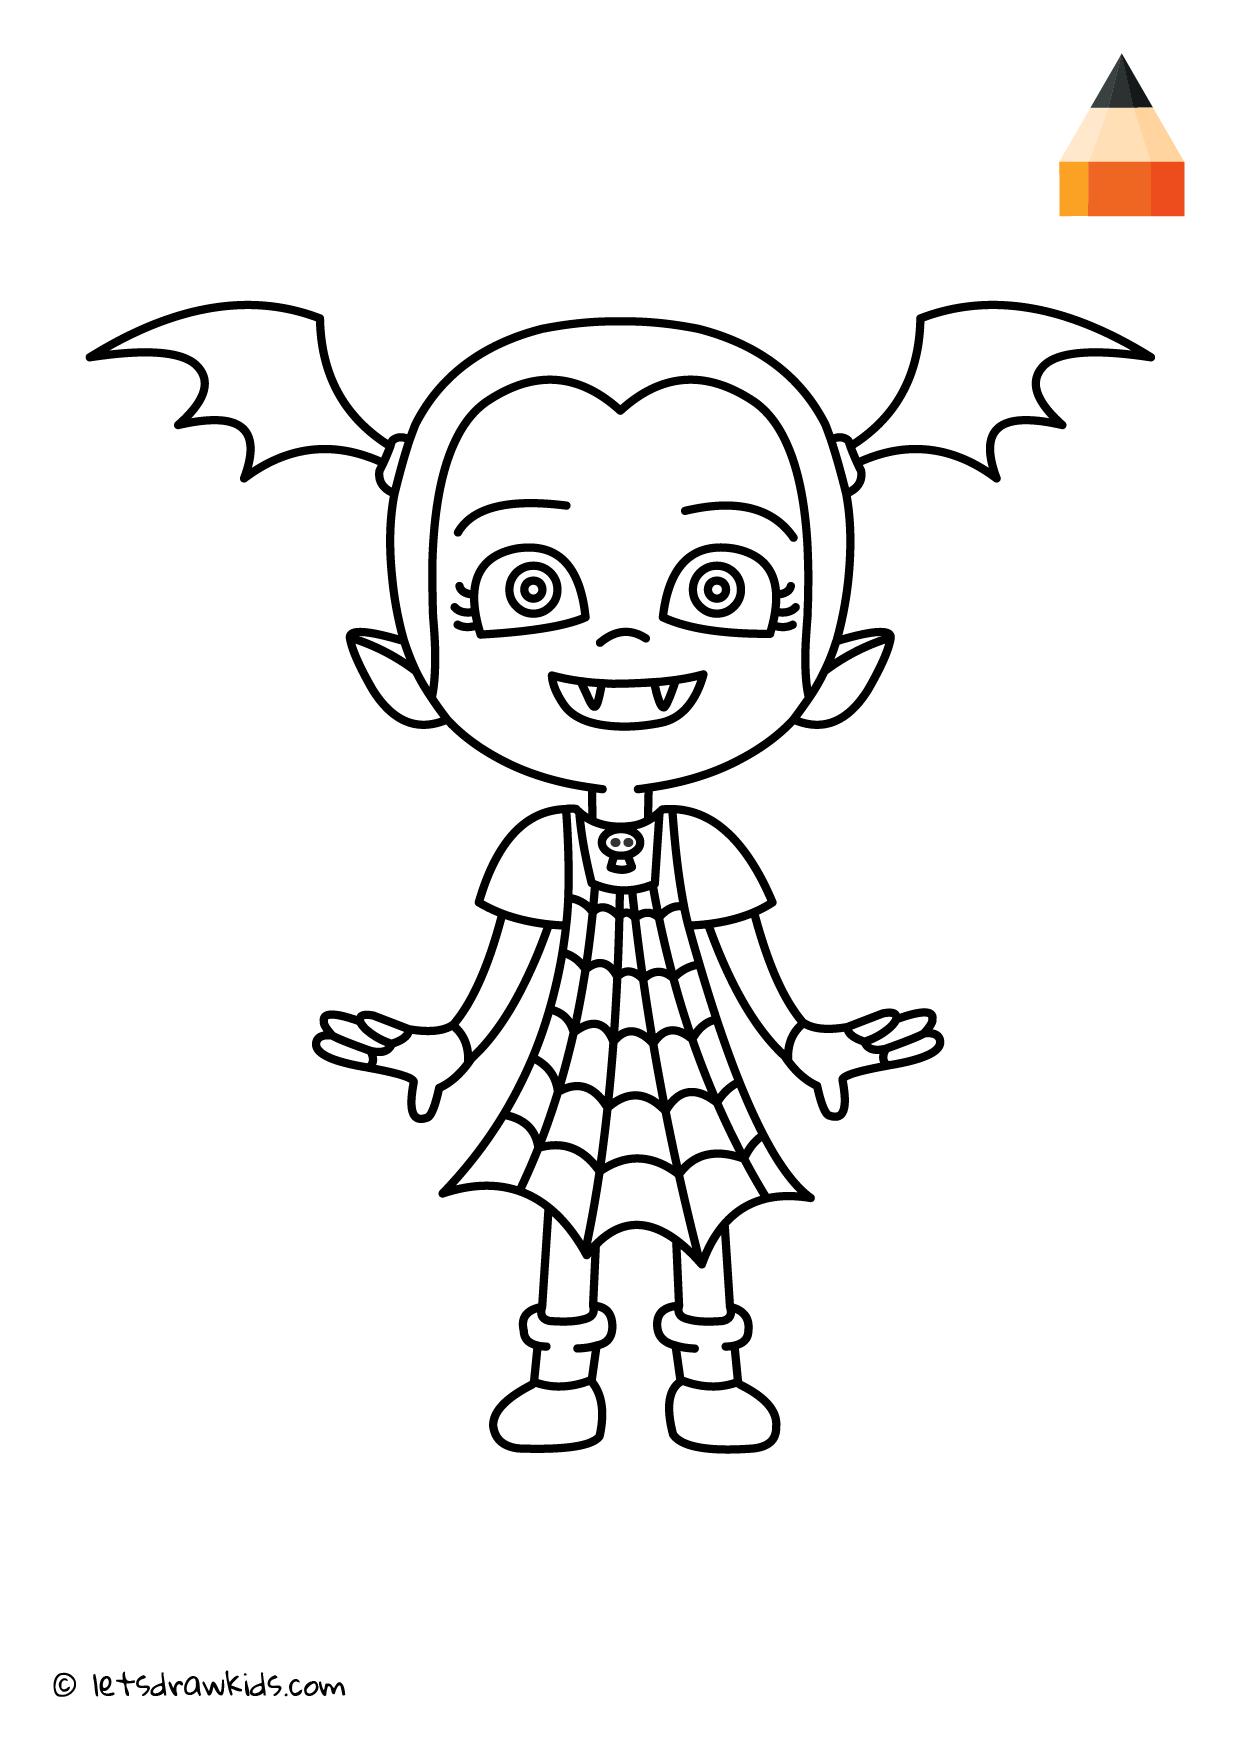 New Coloring Page Vampirina Coloring Pages - Leri.co | para pintar ...